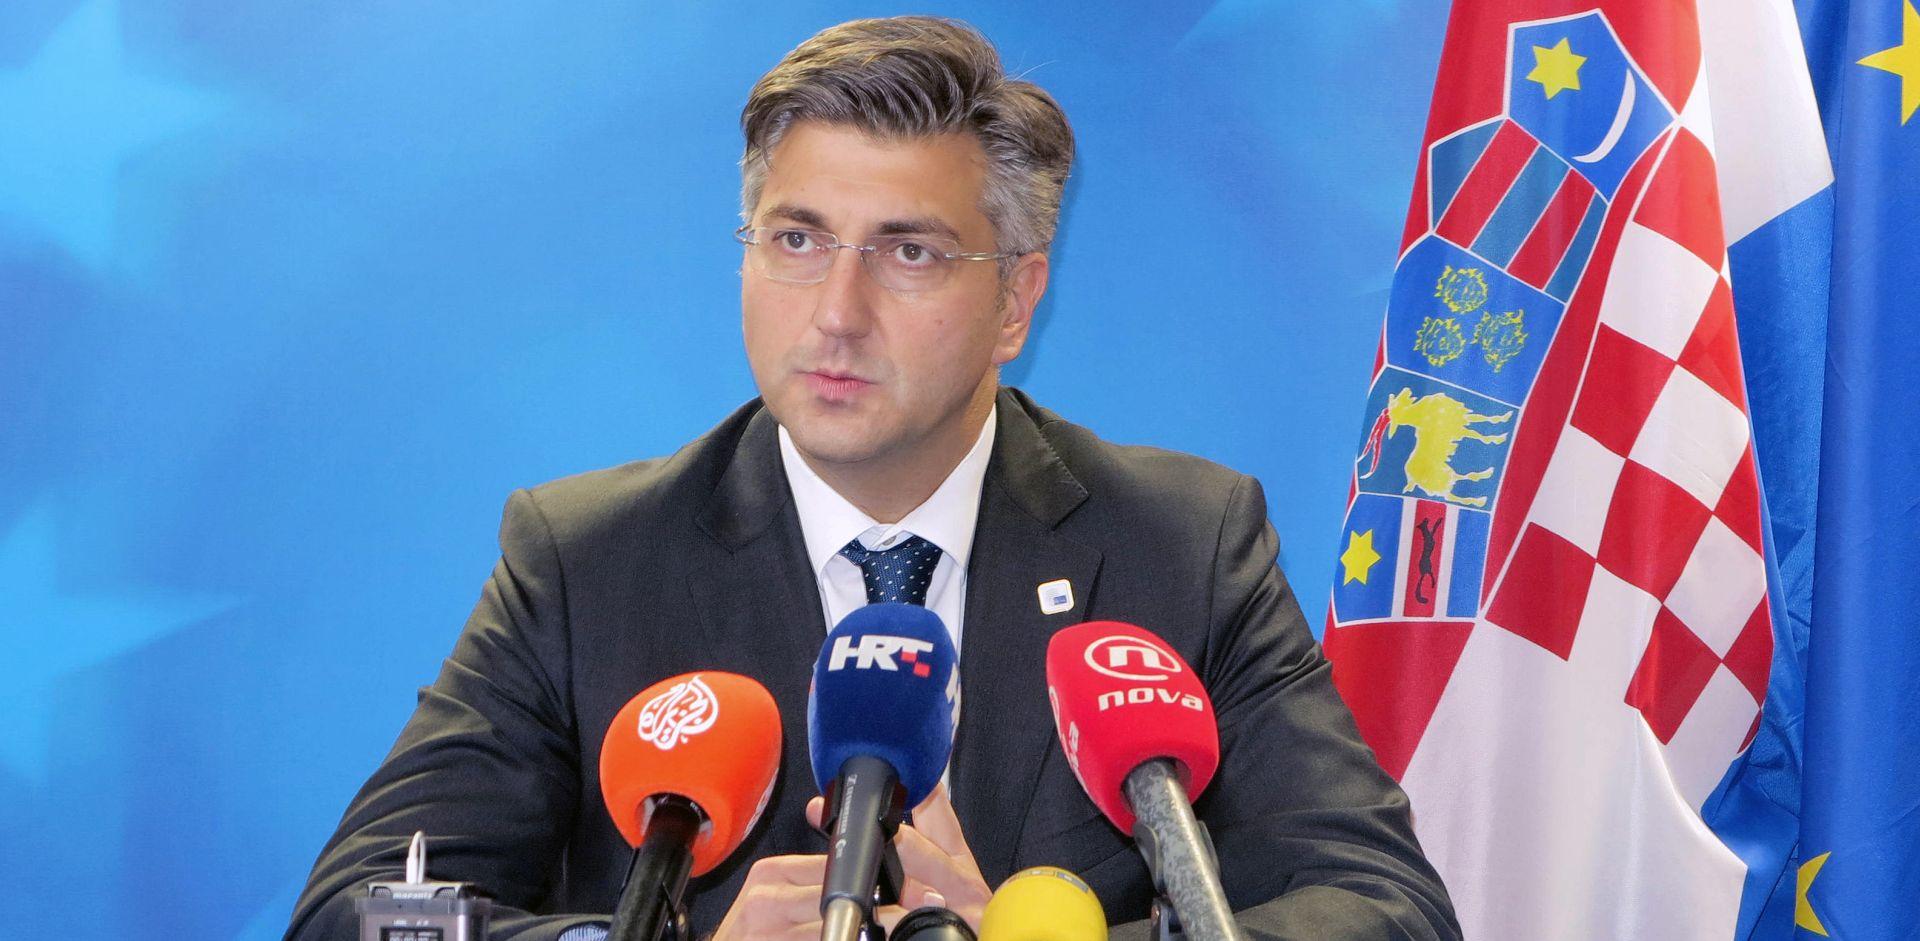 """Plenković ponovio: """"HDZ će se financirati zakonito i transparentno"""""""